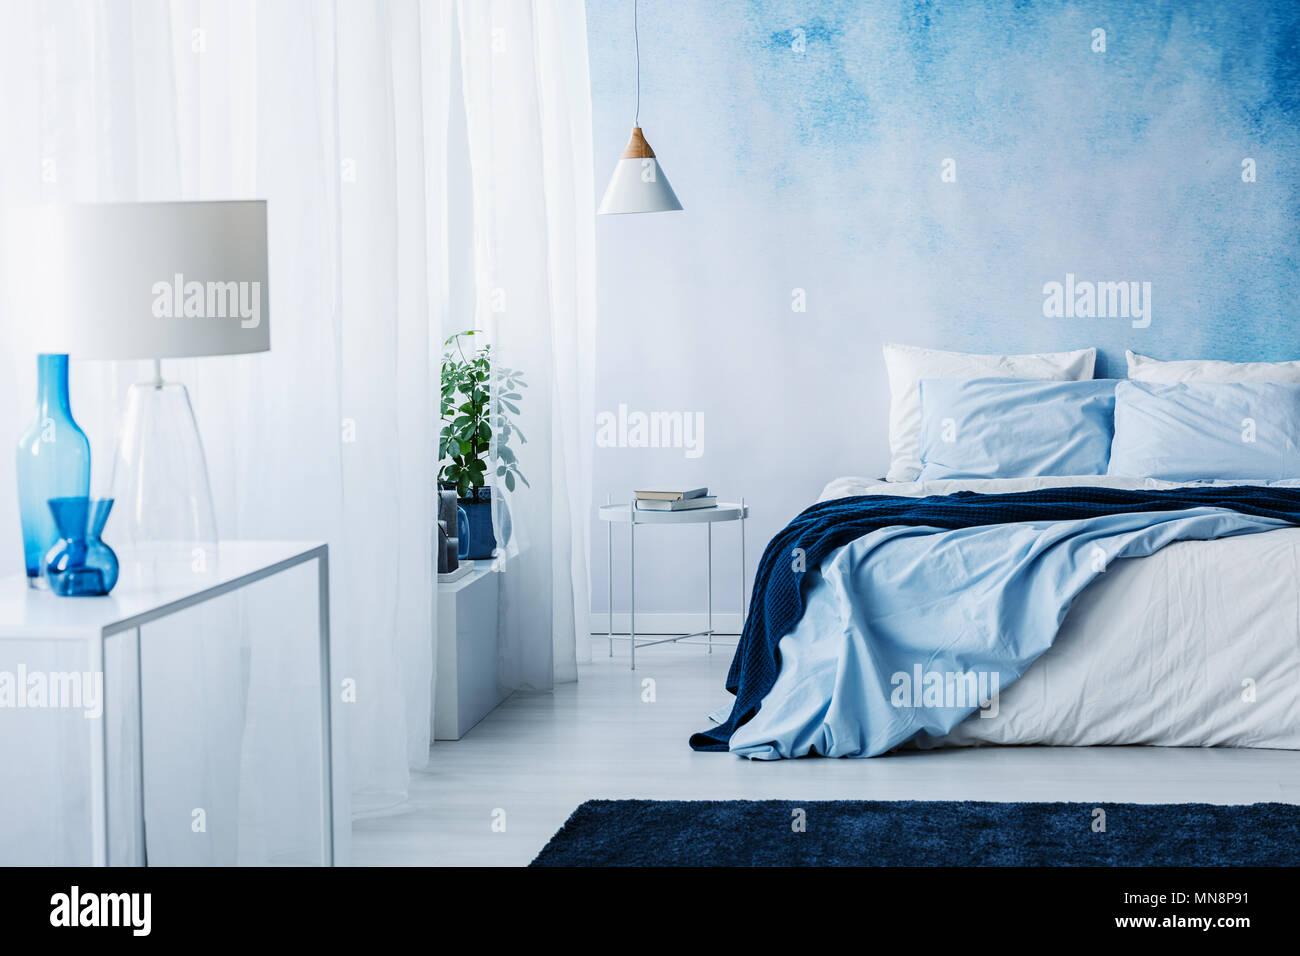 Rilassante interiore camera da letto di bianco e blu con ...